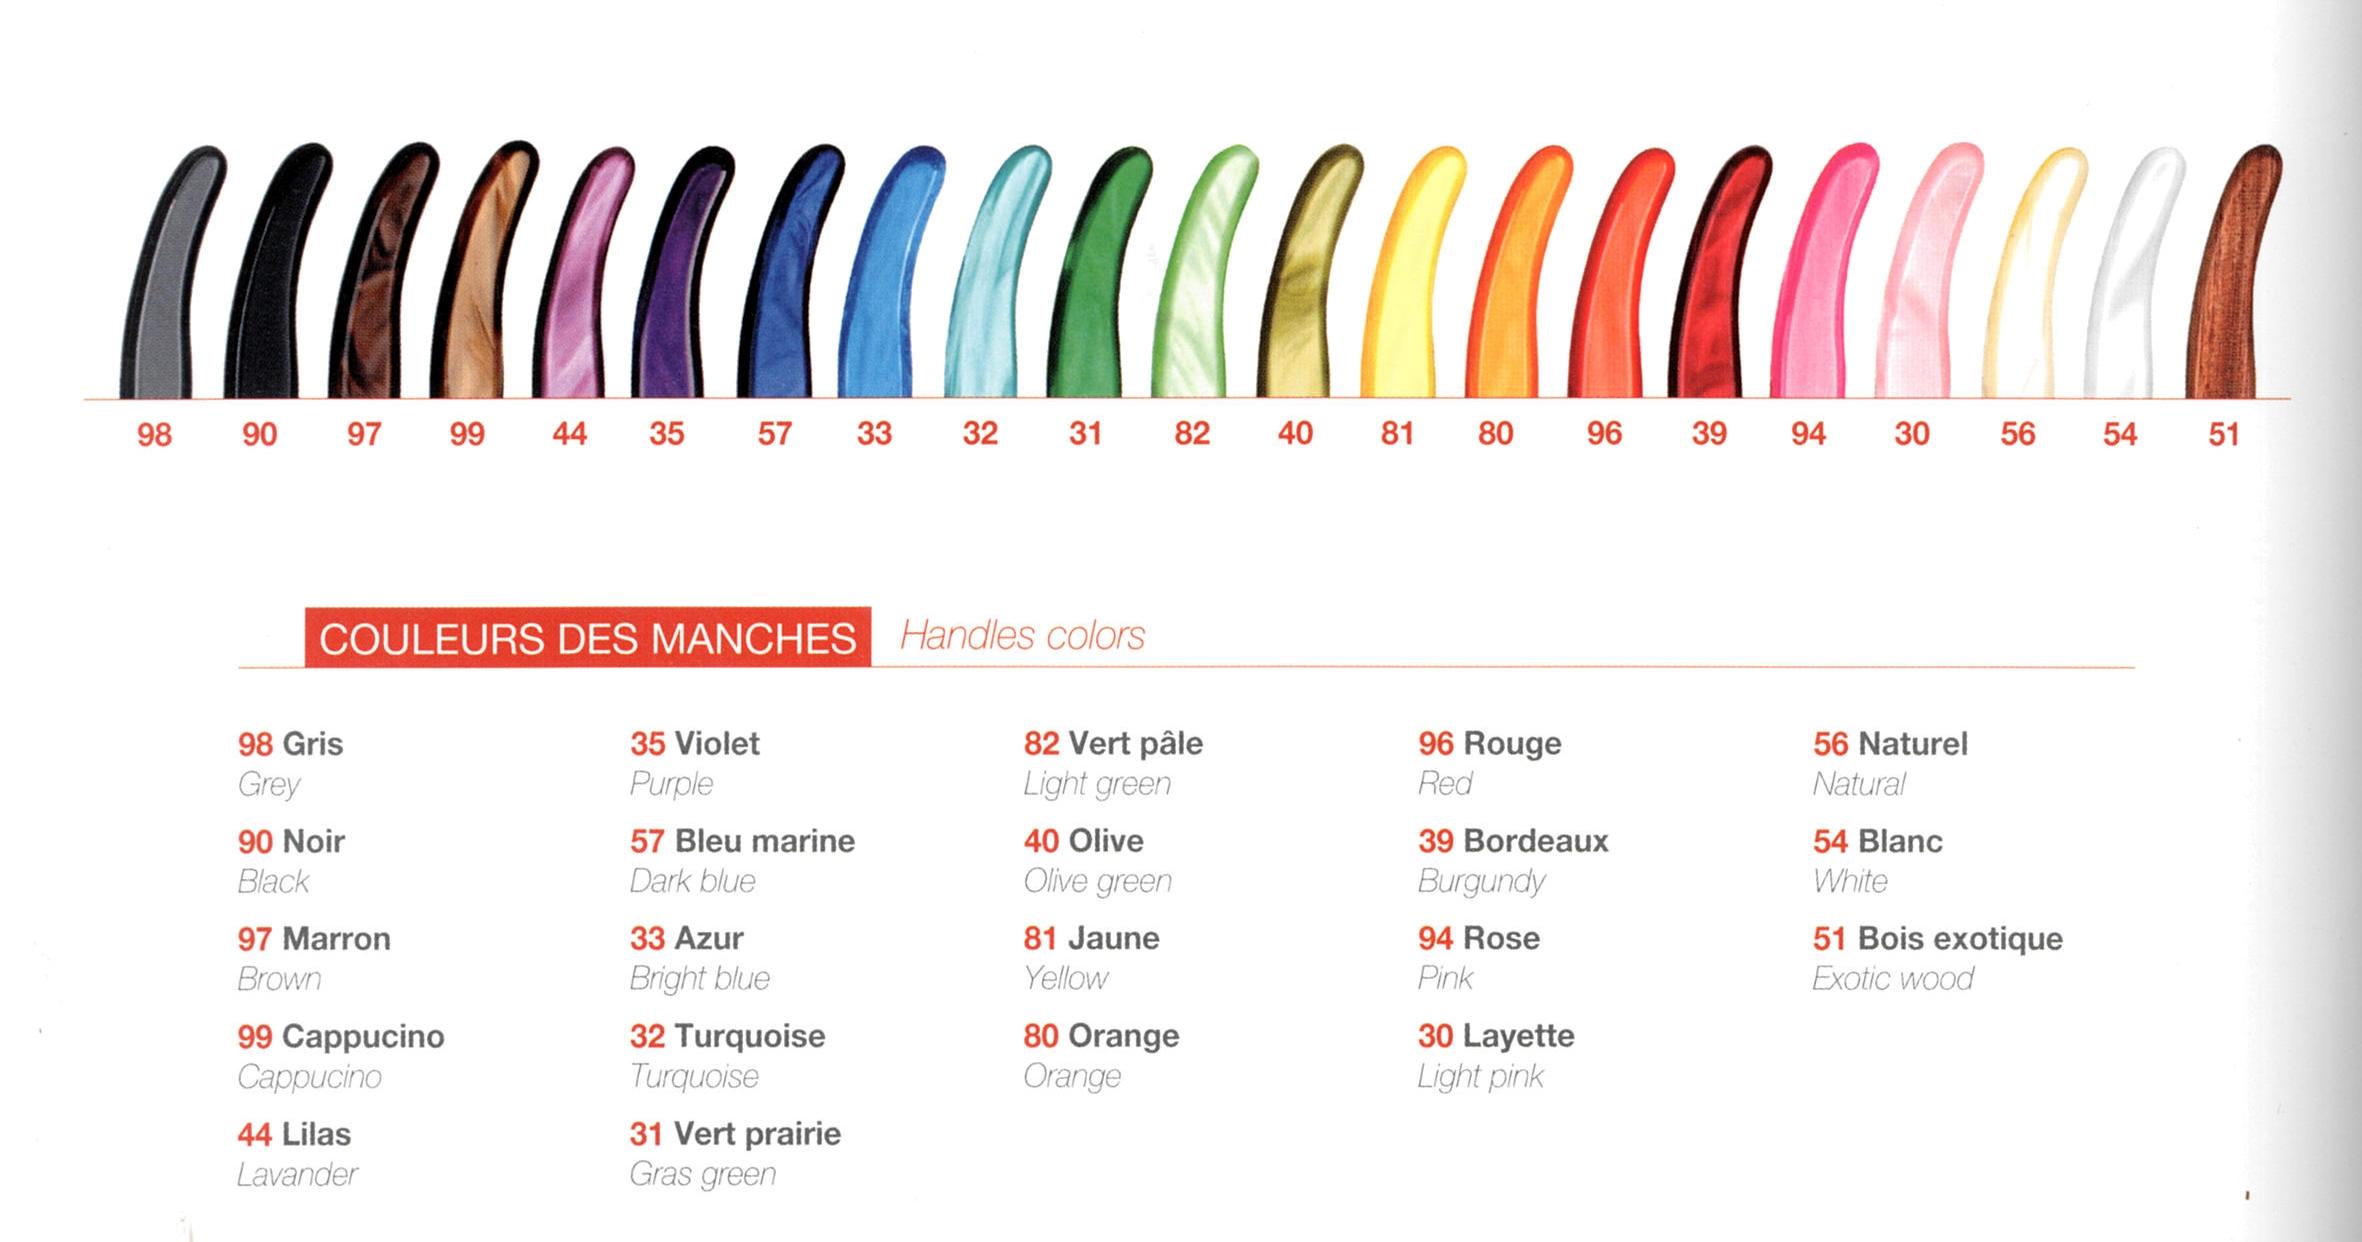 Les couleurs de la gamme Berlingot